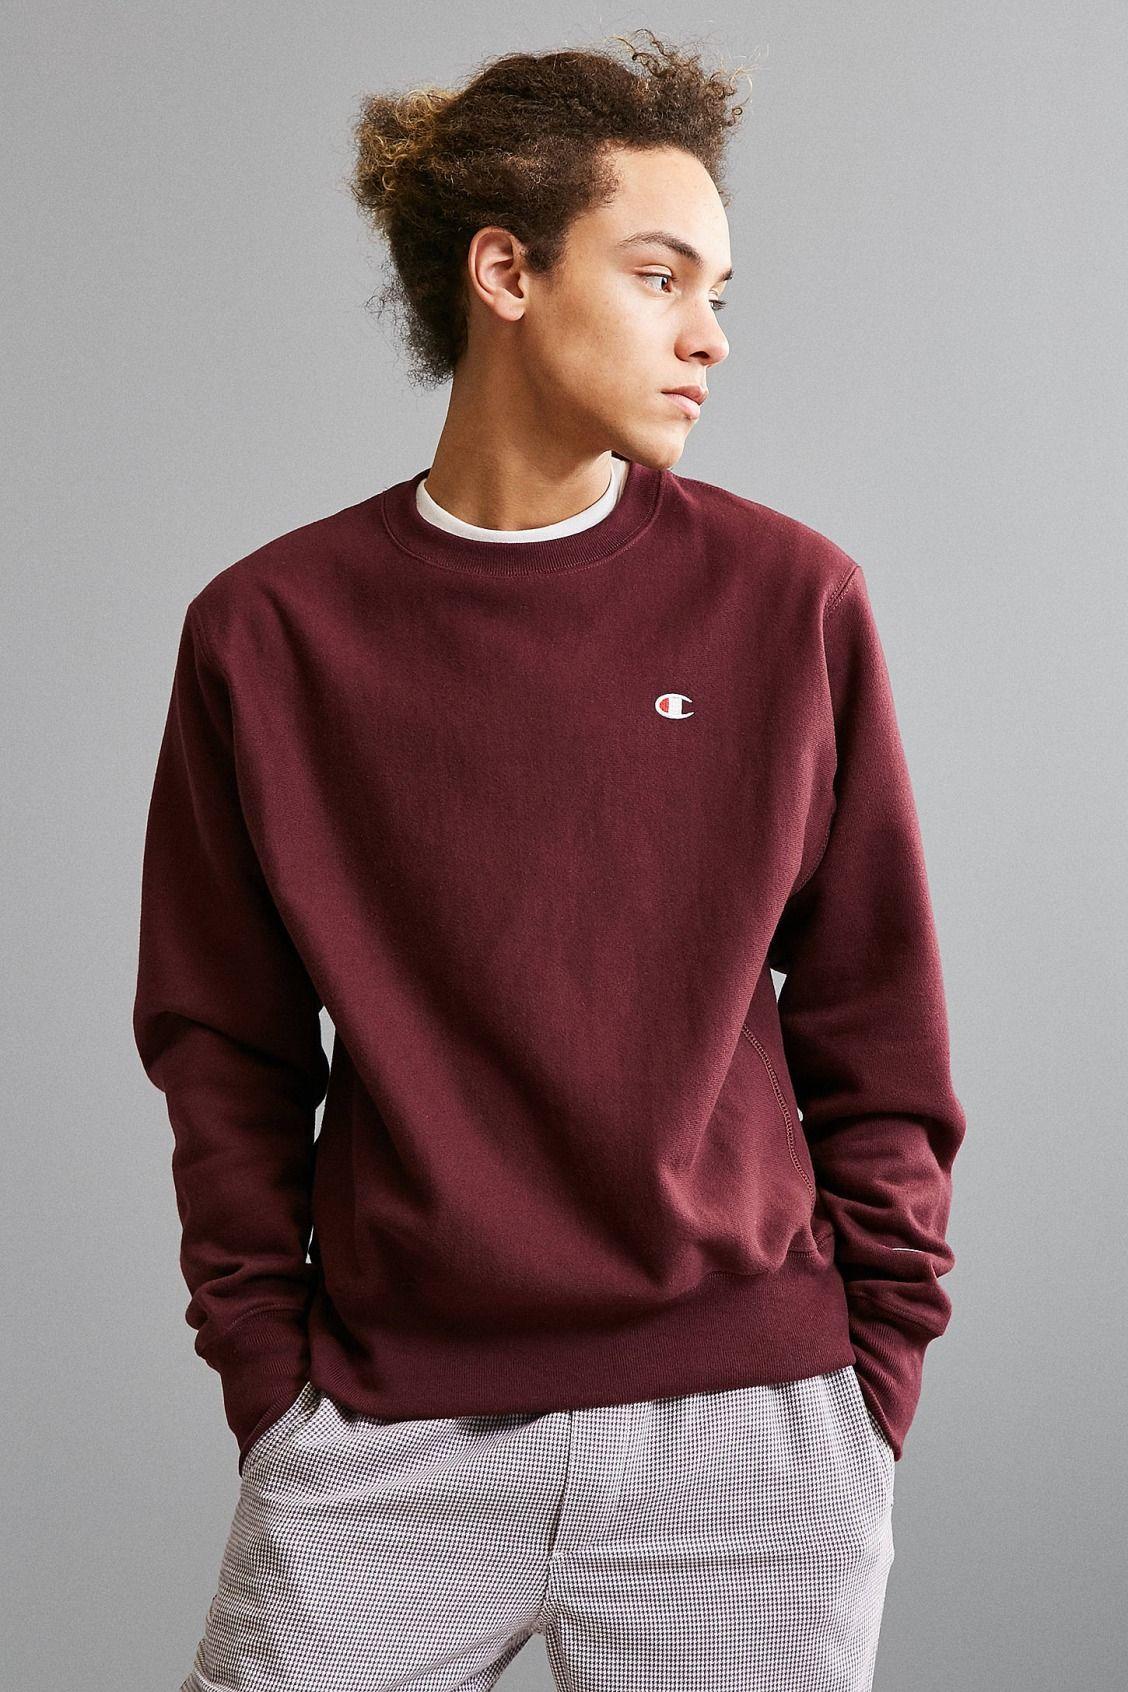 66715c5105f2 Slide View  1  Champion Reverse Weave Fleece Crew Neck Sweatshirt ...